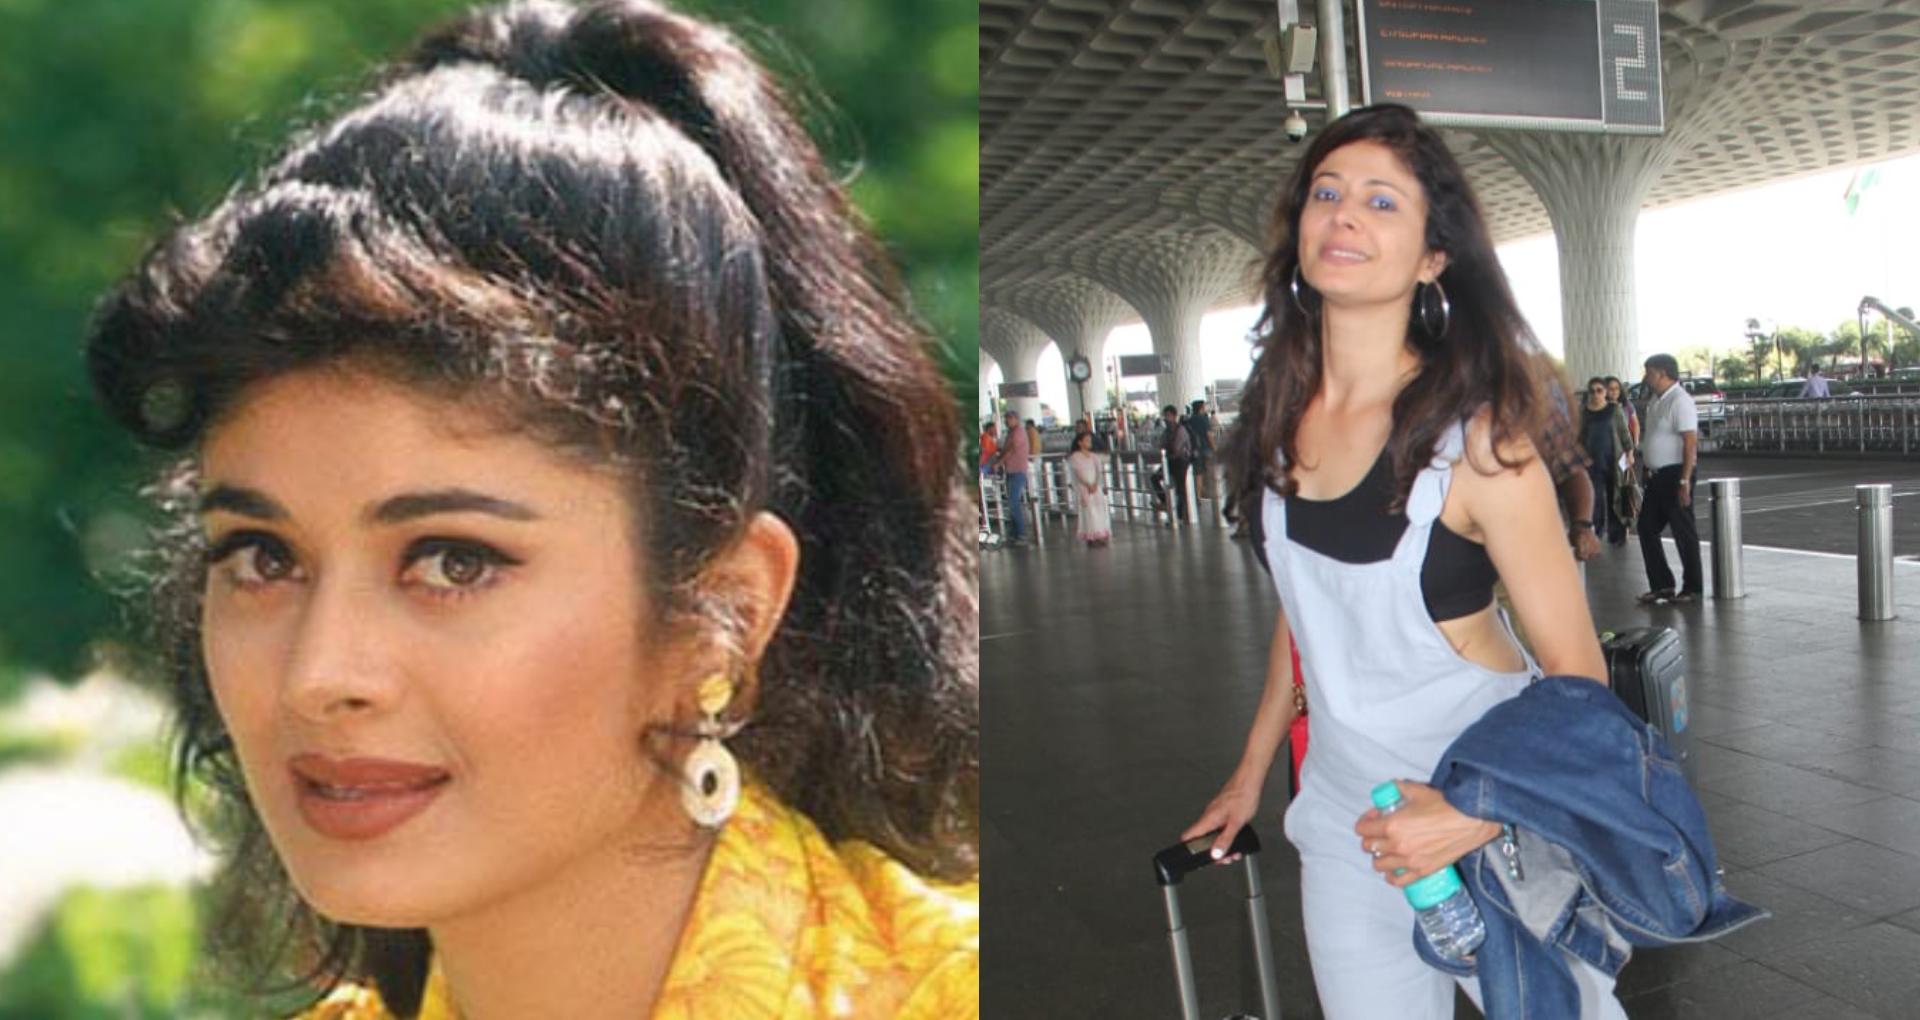 फिल्म 'विरासत' में अनिल कपूर के साथ नजर आ चुकी एक्ट्रेस पूजा बत्रा अब दिखती हैं ऐसी, एयरपोर्ट पर हुईं स्पॉट